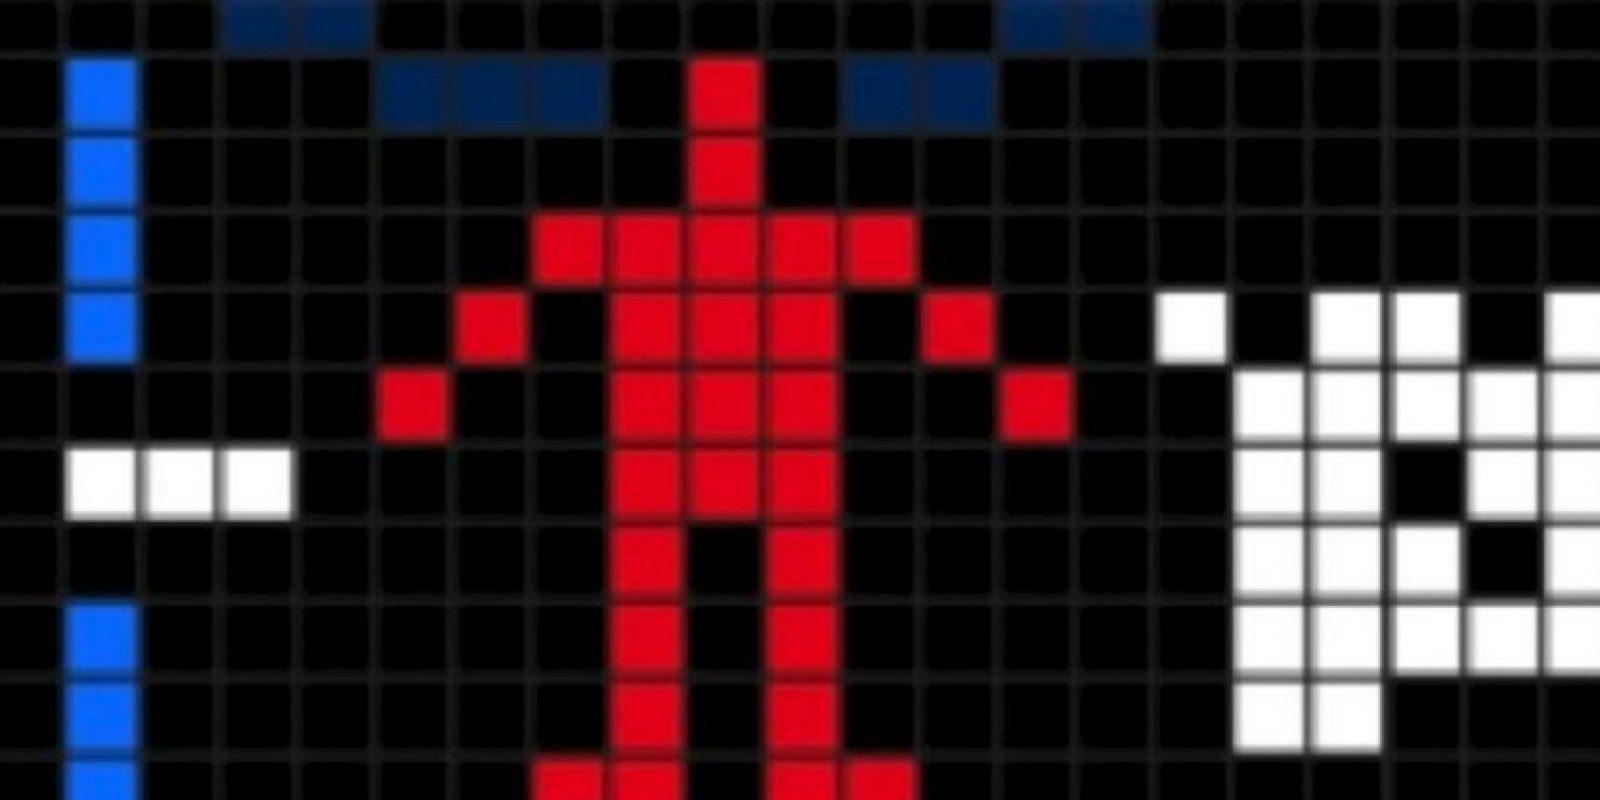 Contenía información sobre el ADN humano, entre otras cosas. Foto:Wikipedia.org